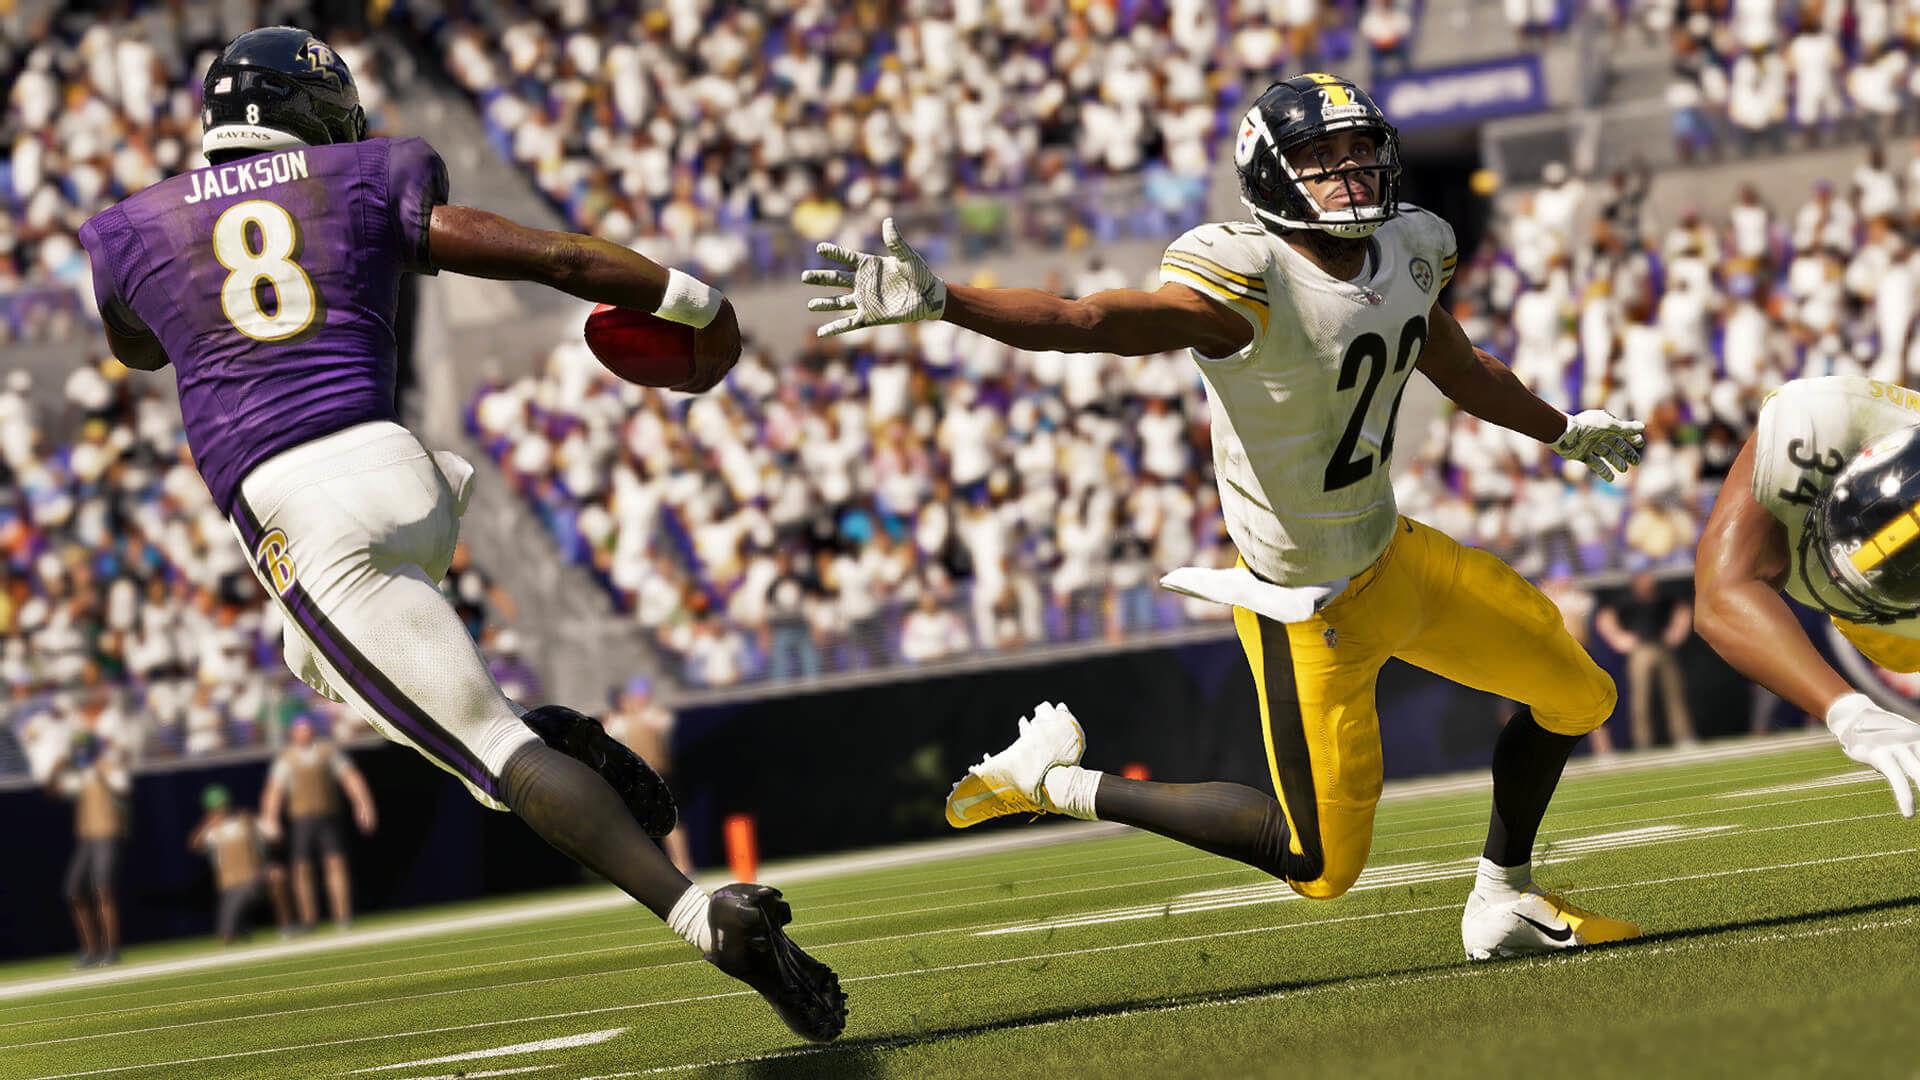 Madden NFL 21 oyununa ait yeni detaylar paylaşıldı